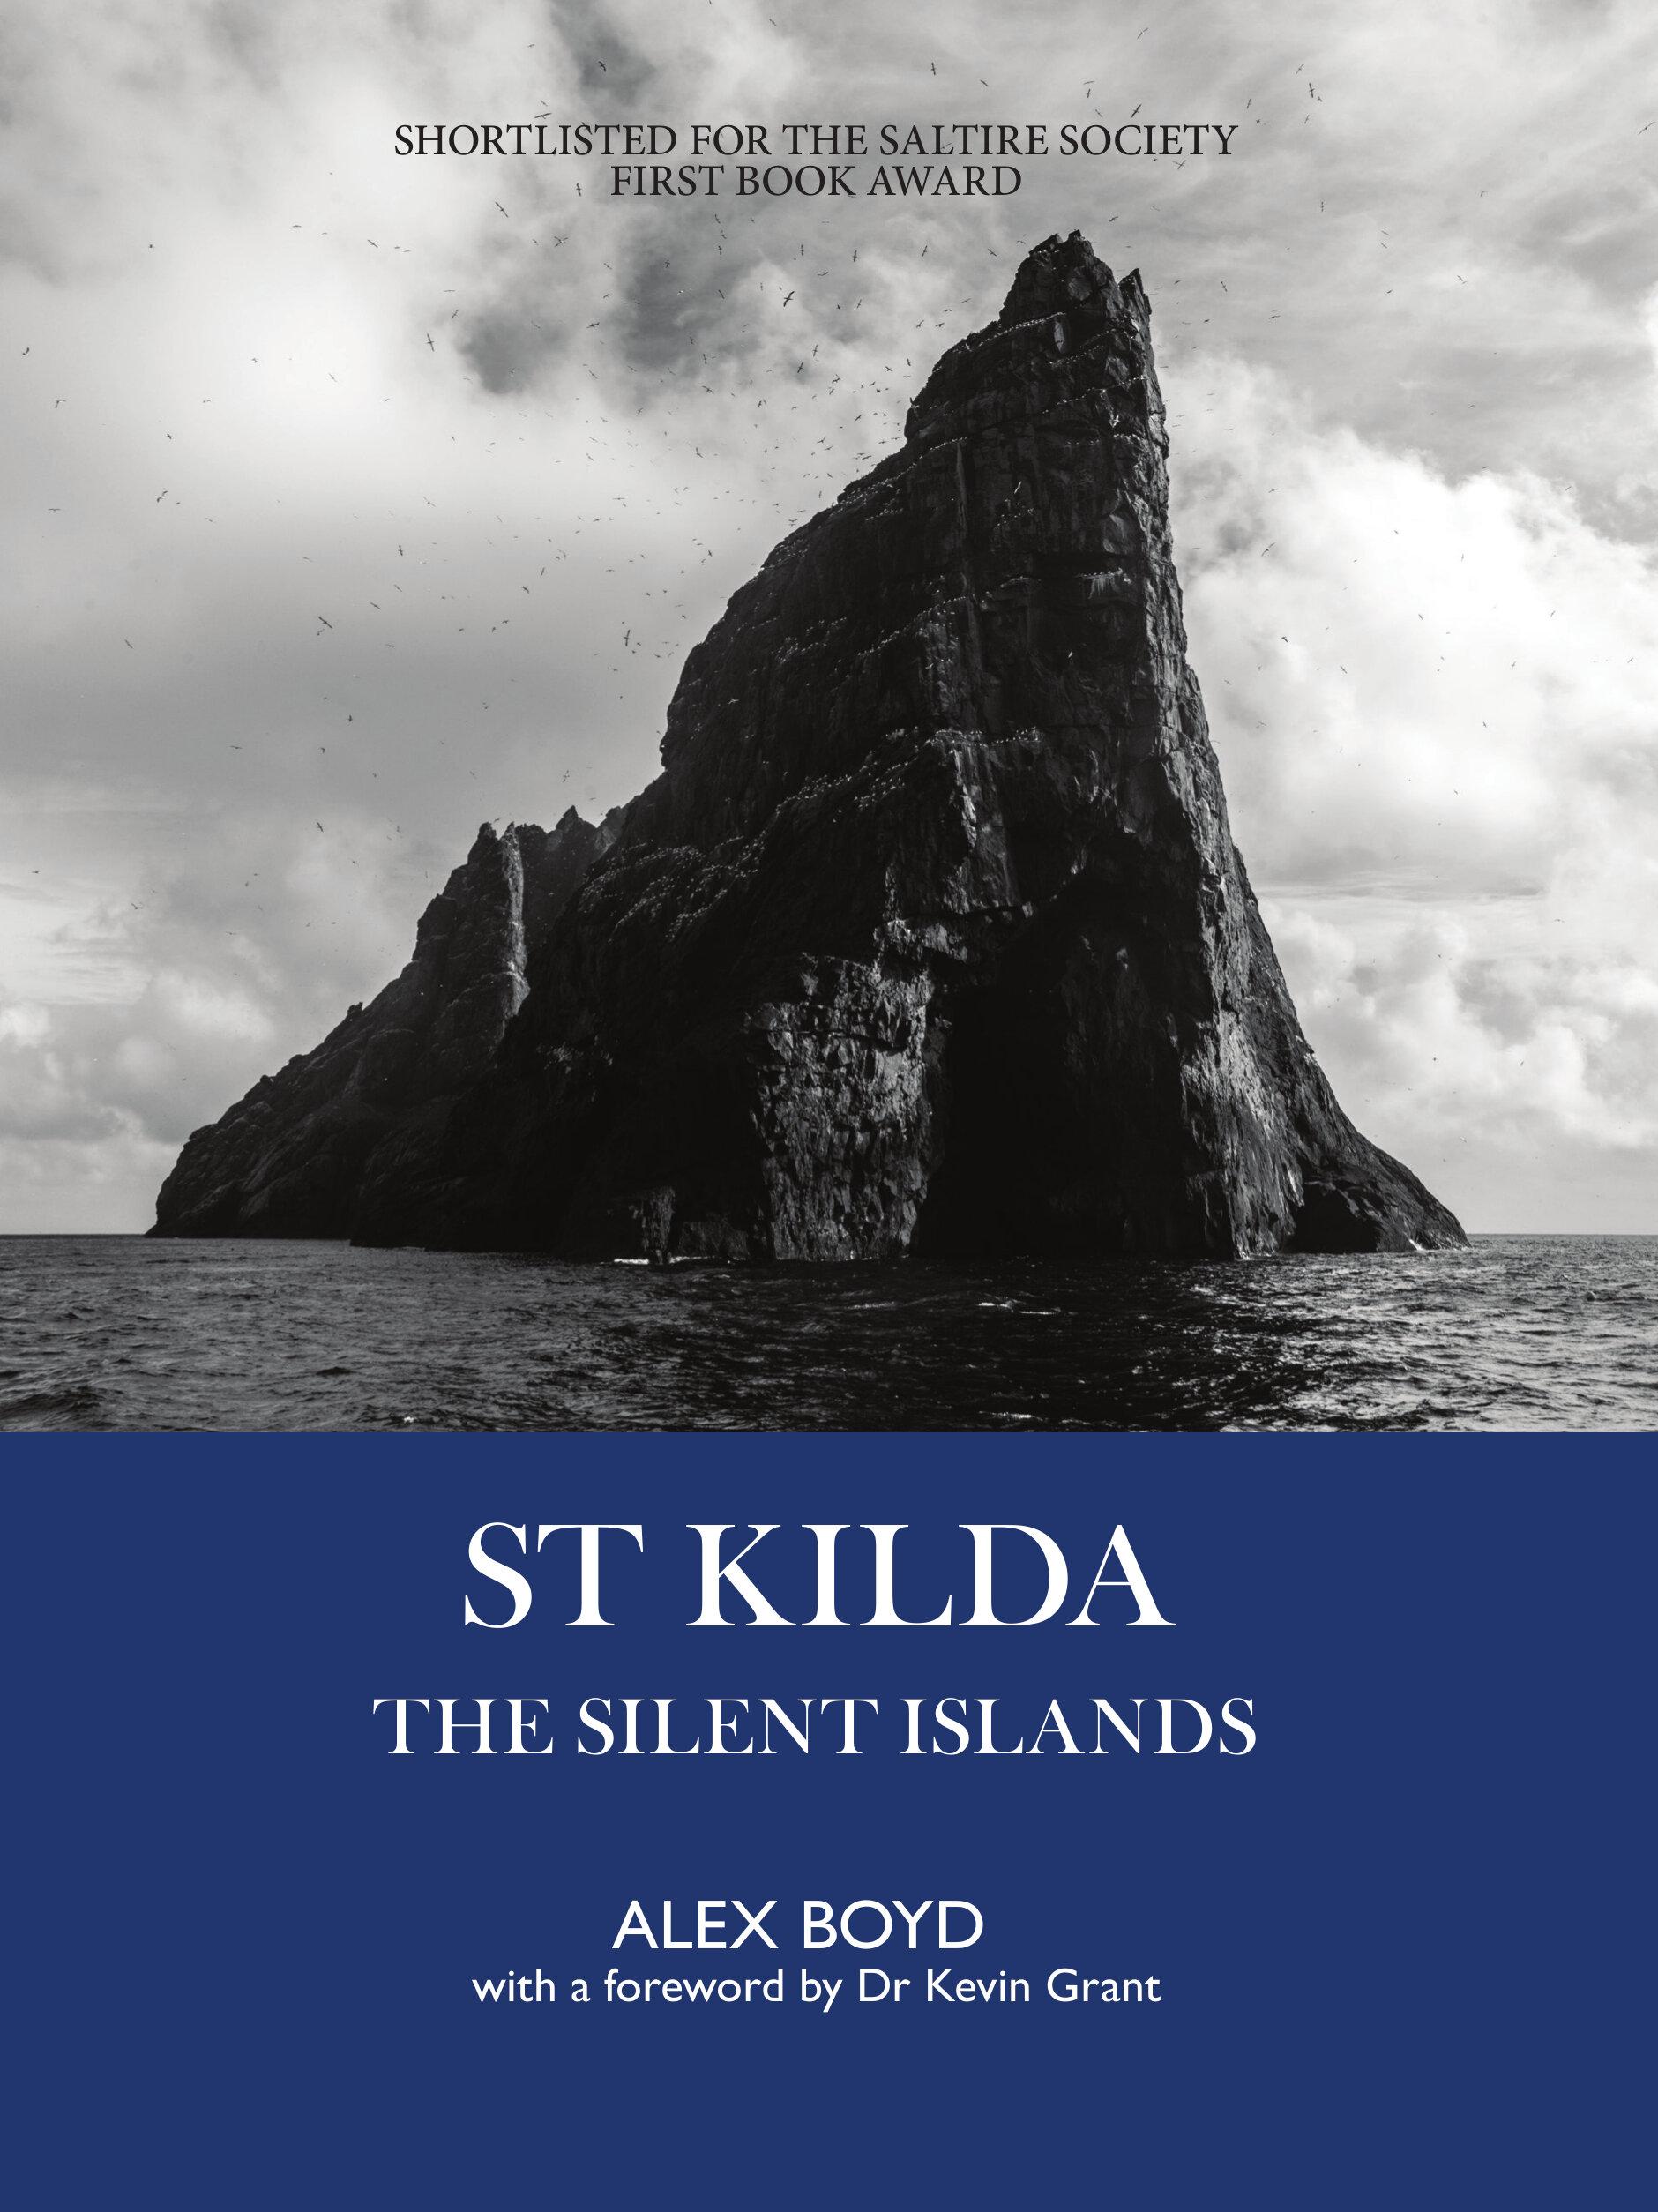 St Kilda Alex Boyd 9781913025229 Luath Press.jpg